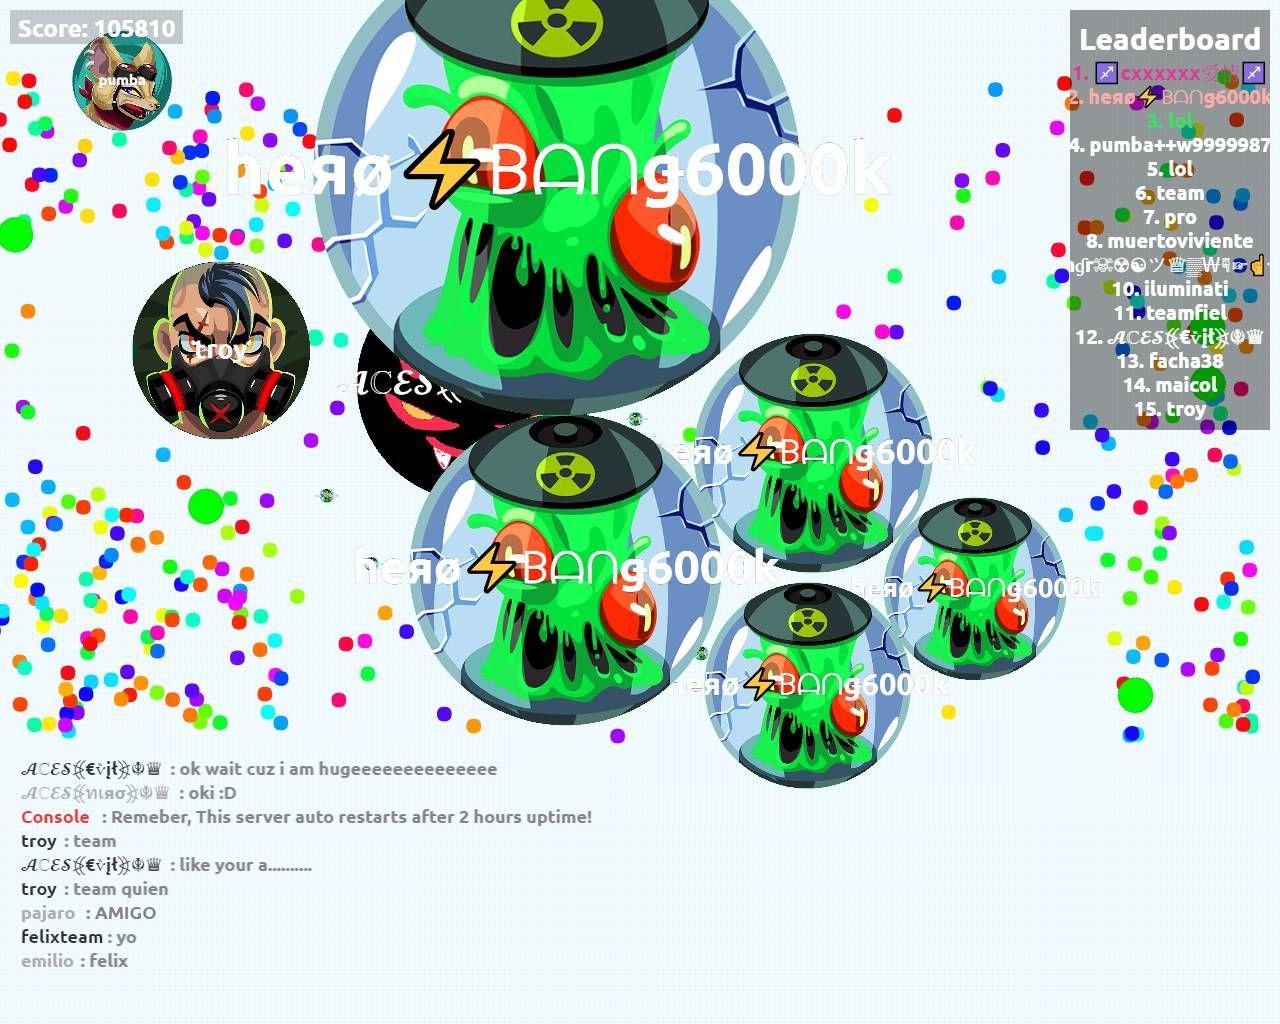 0 Heyao ᗷᗩᑎǥ6000k Saved Mass Heyao ᗷᗩᑎǥ6000k User Agar